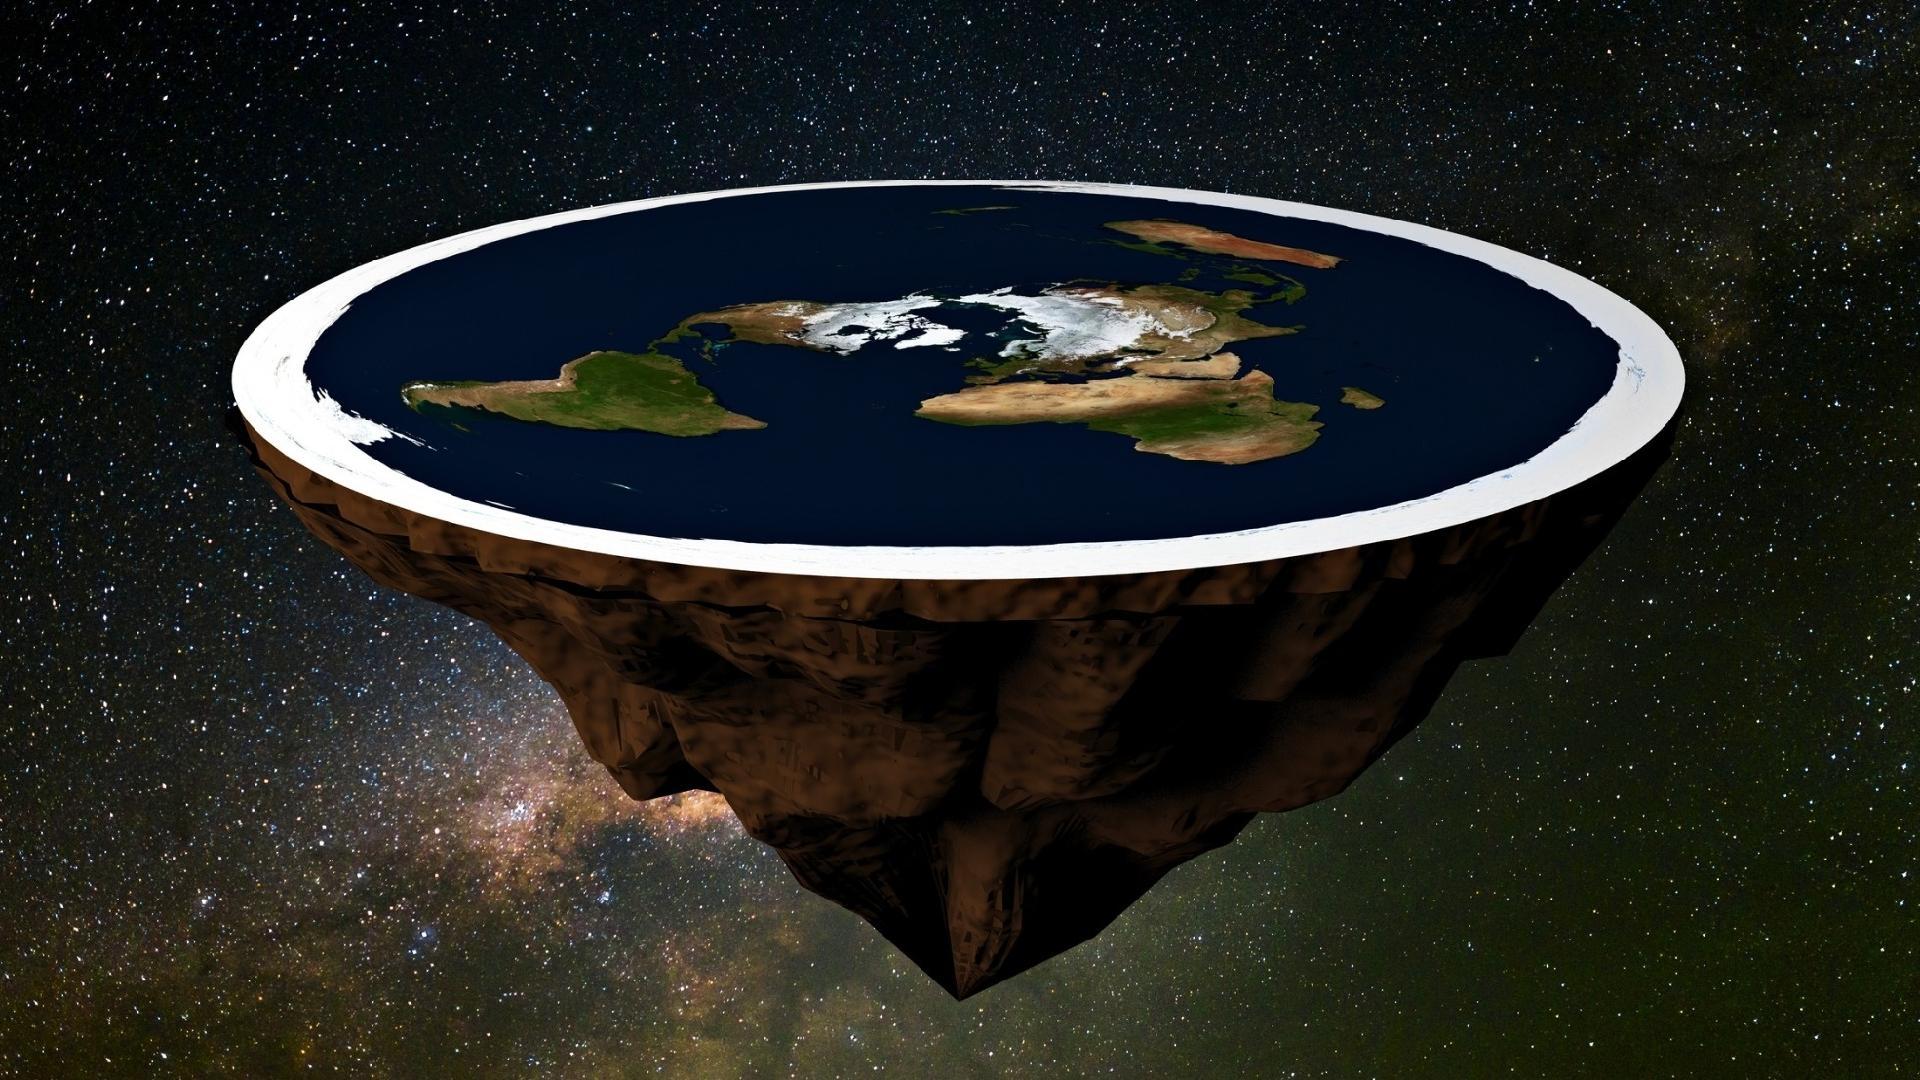 Se a terra fosse realmente plana, como seria o mundo segundo a ciência